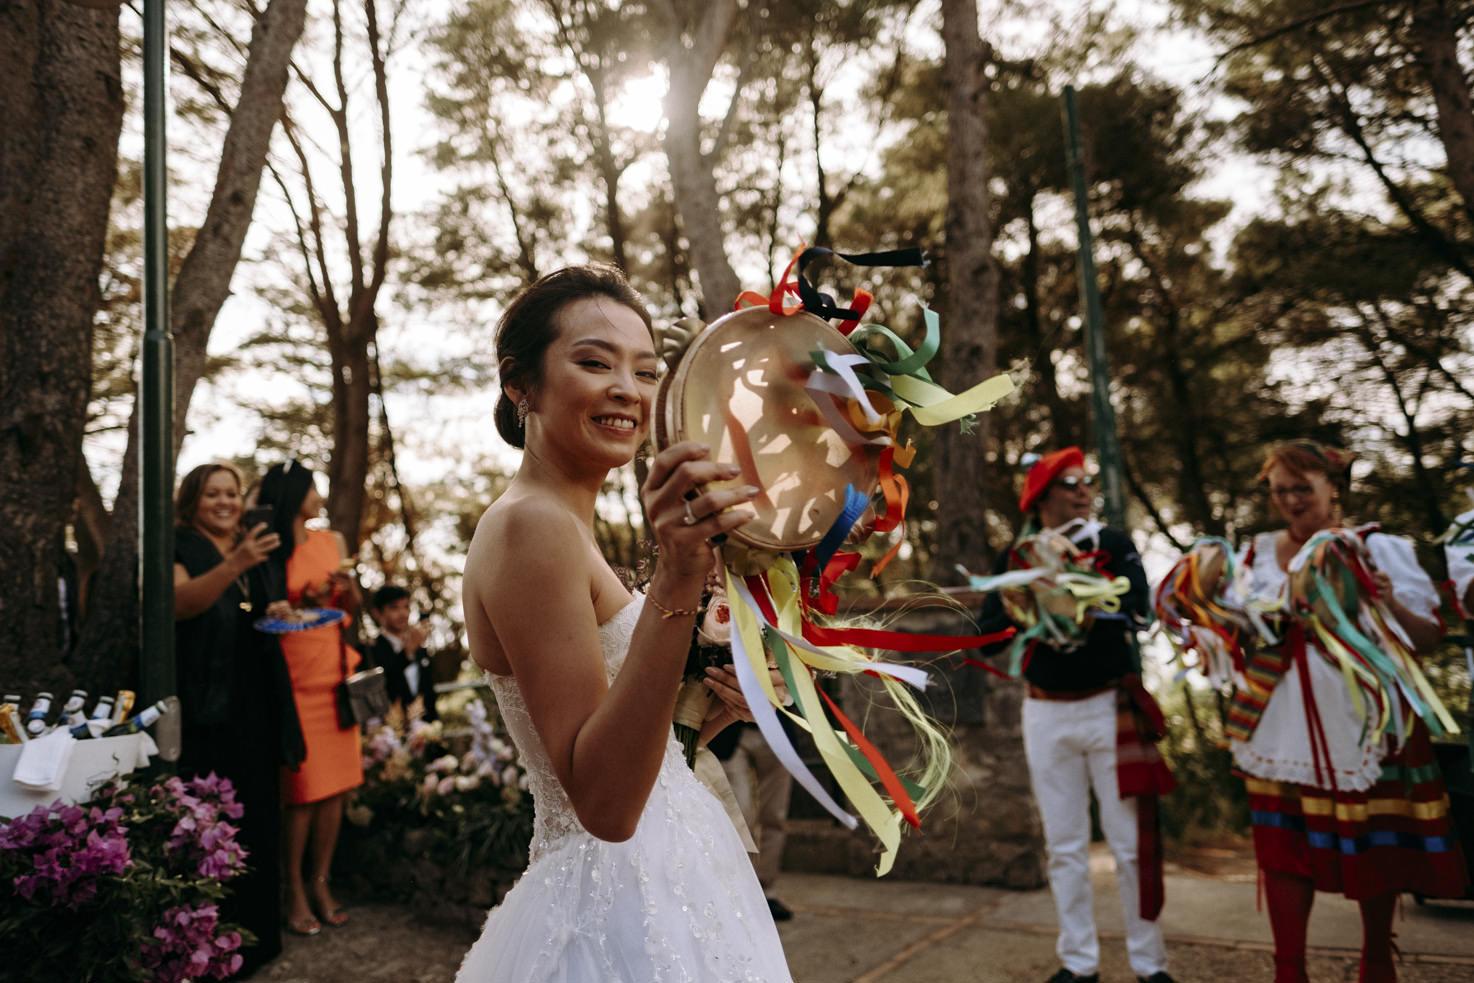 Traditional dancers in Capri